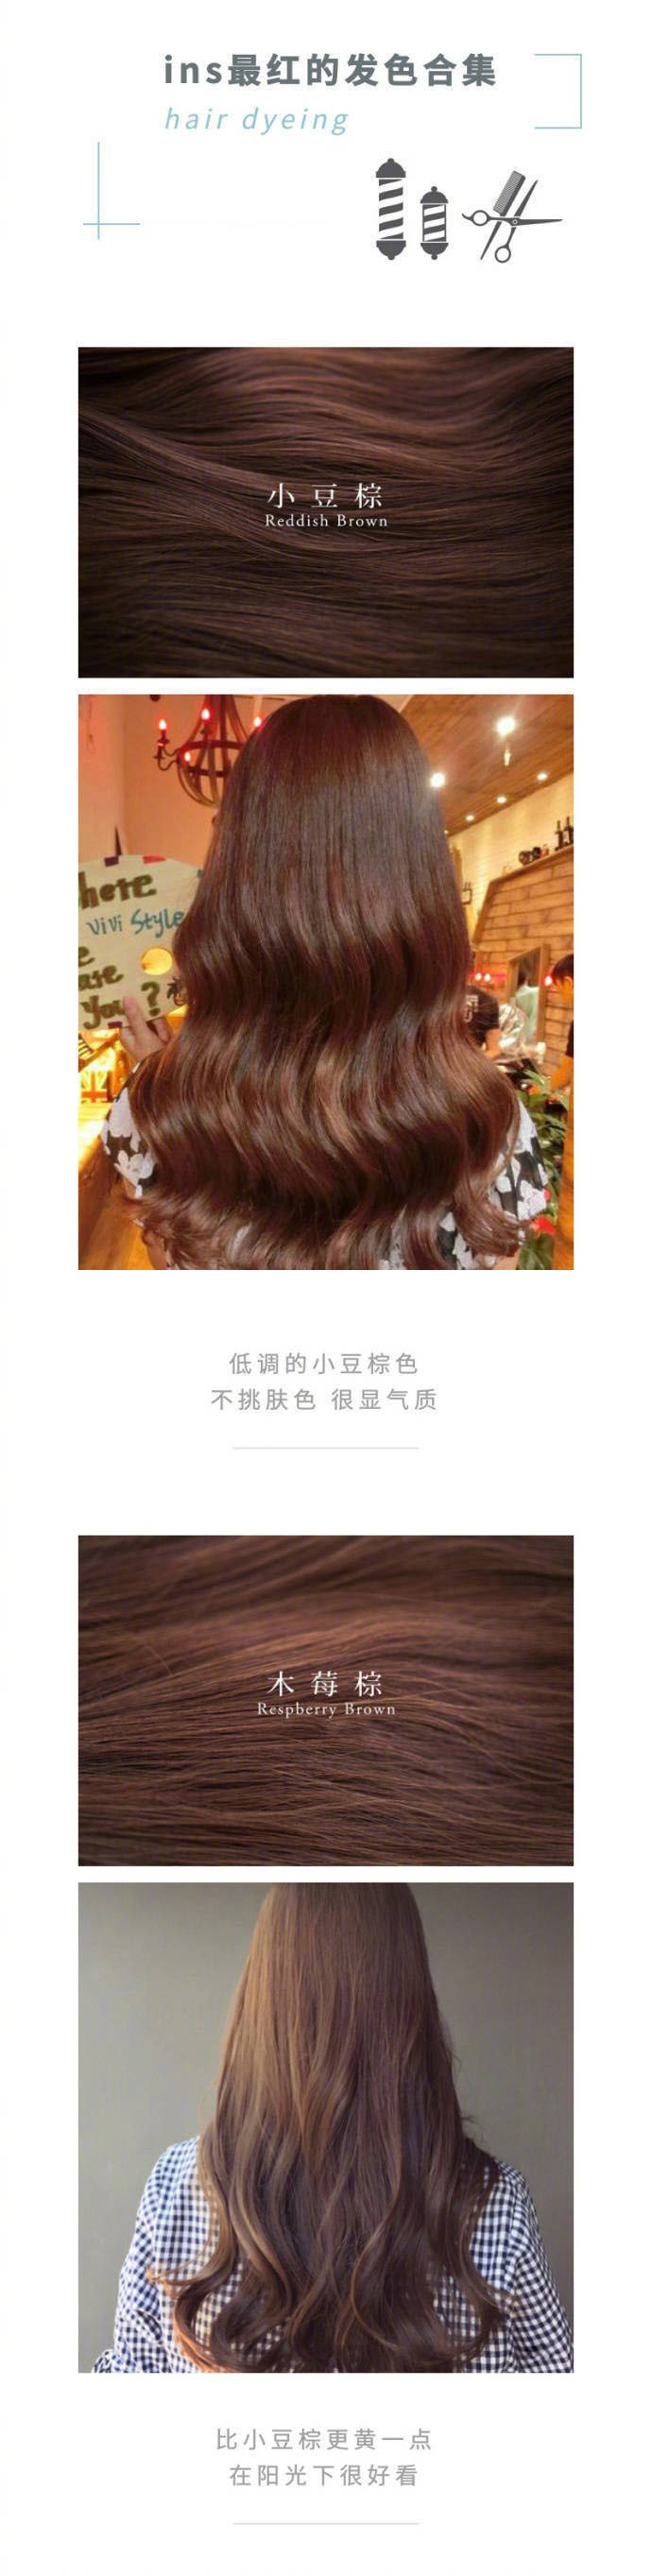 网红发色推荐给仙女们,温油又显气质!